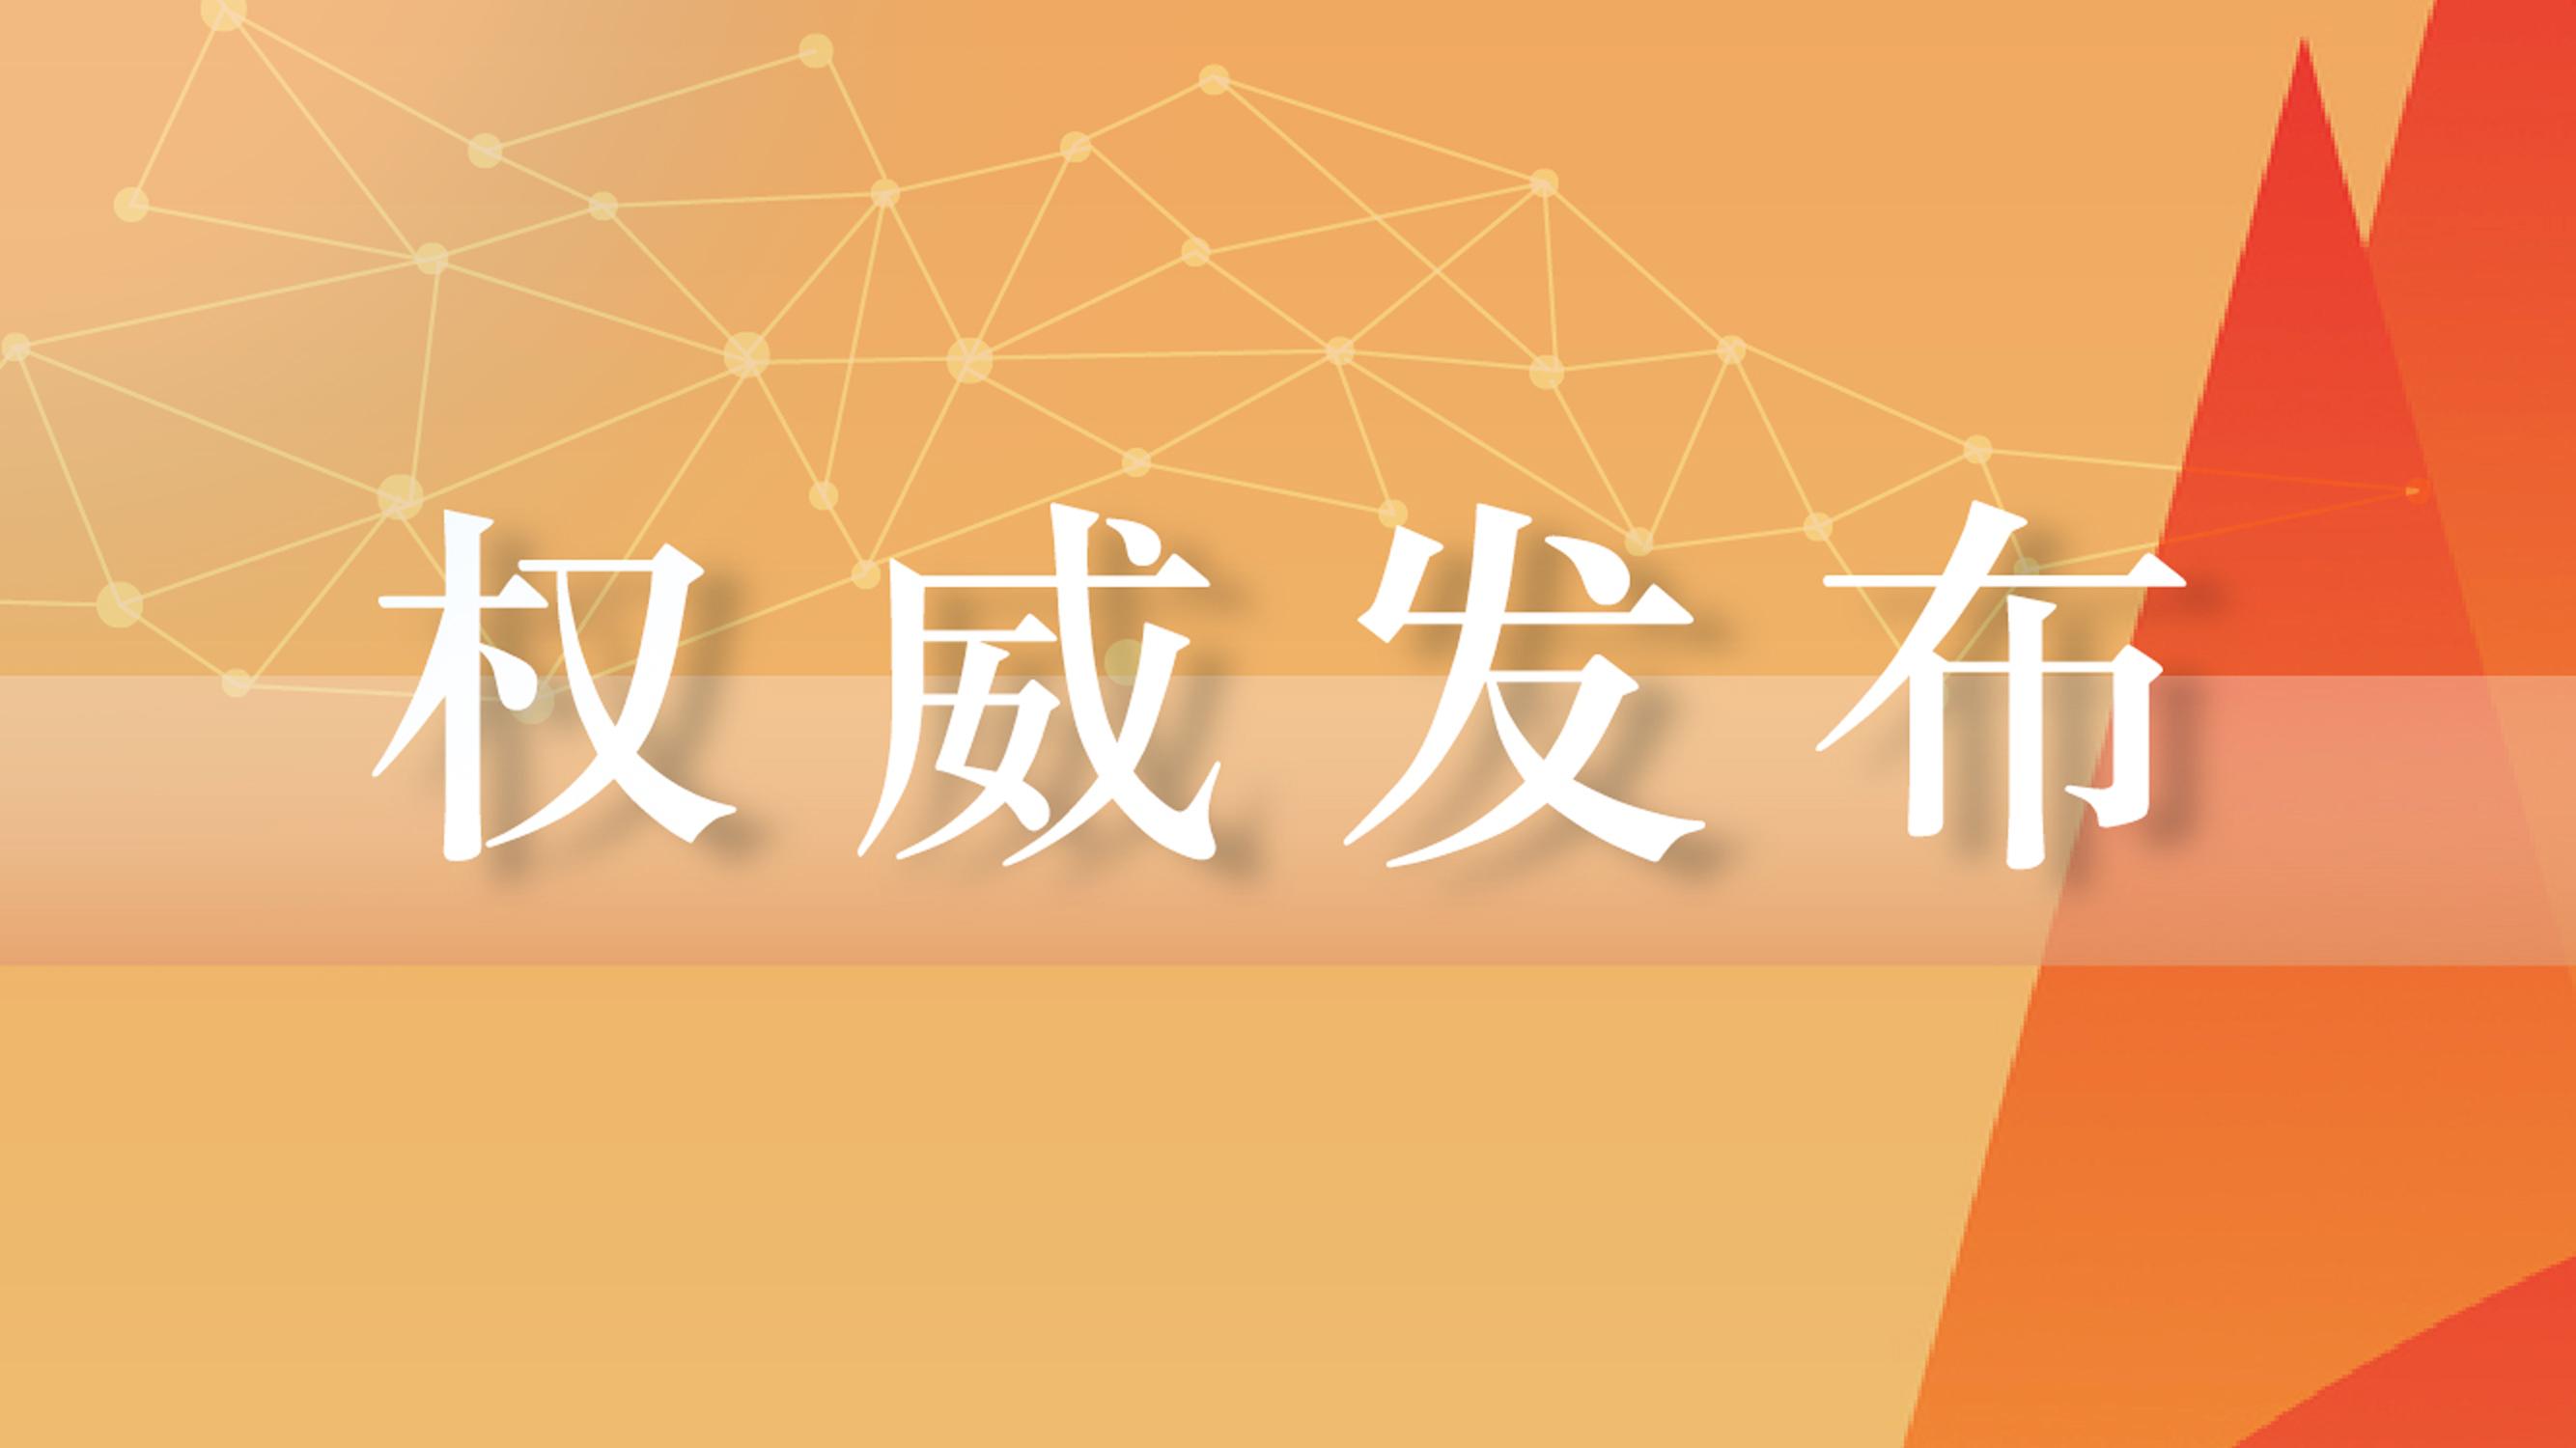 雅安市水利局原党组成员、副局长刘秀权 严重违纪违法被开除党籍和公职